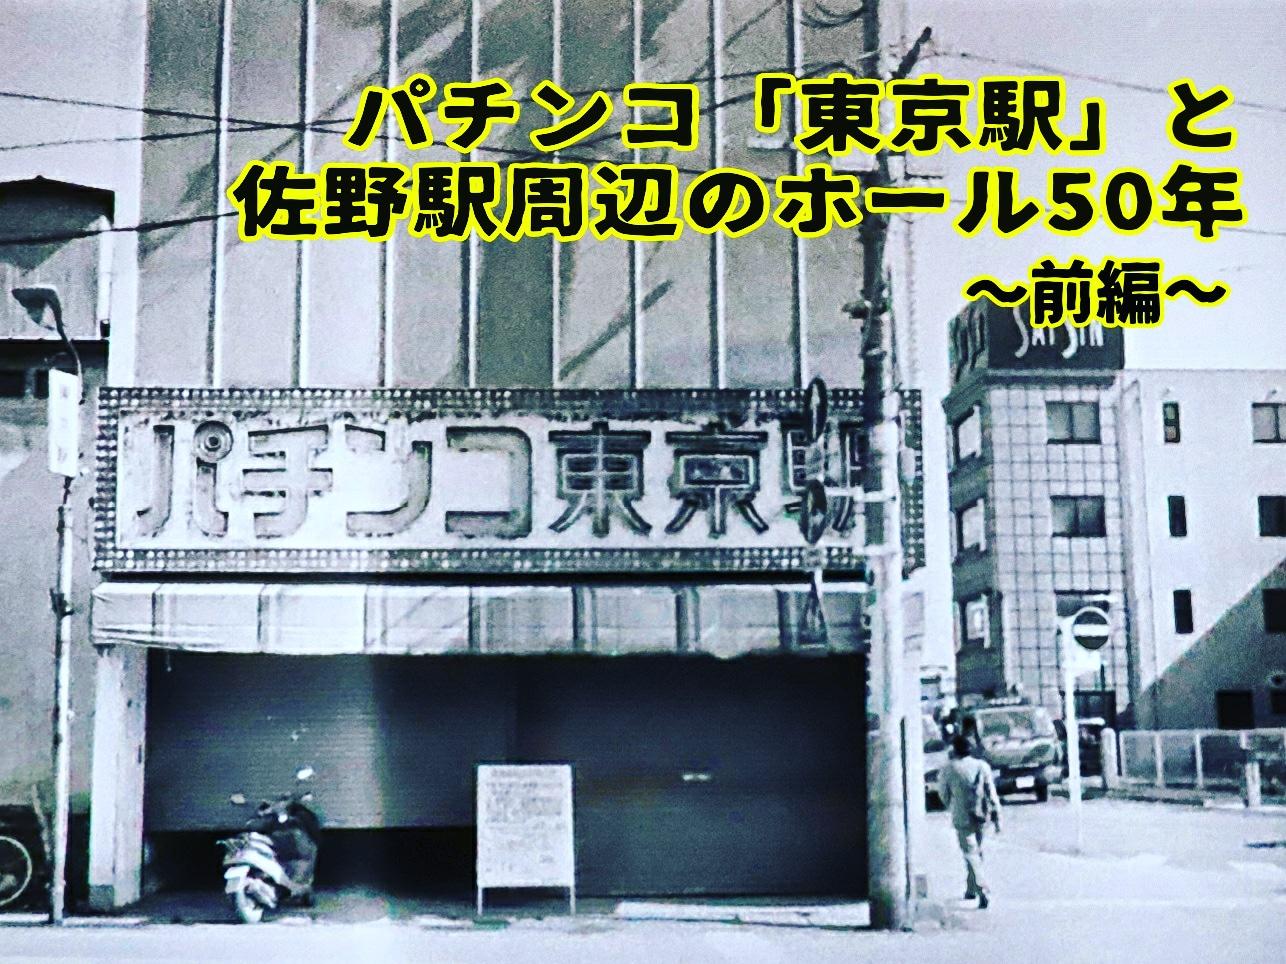 パチンコ「東京駅」と佐野駅周辺のホール50年 <前編>